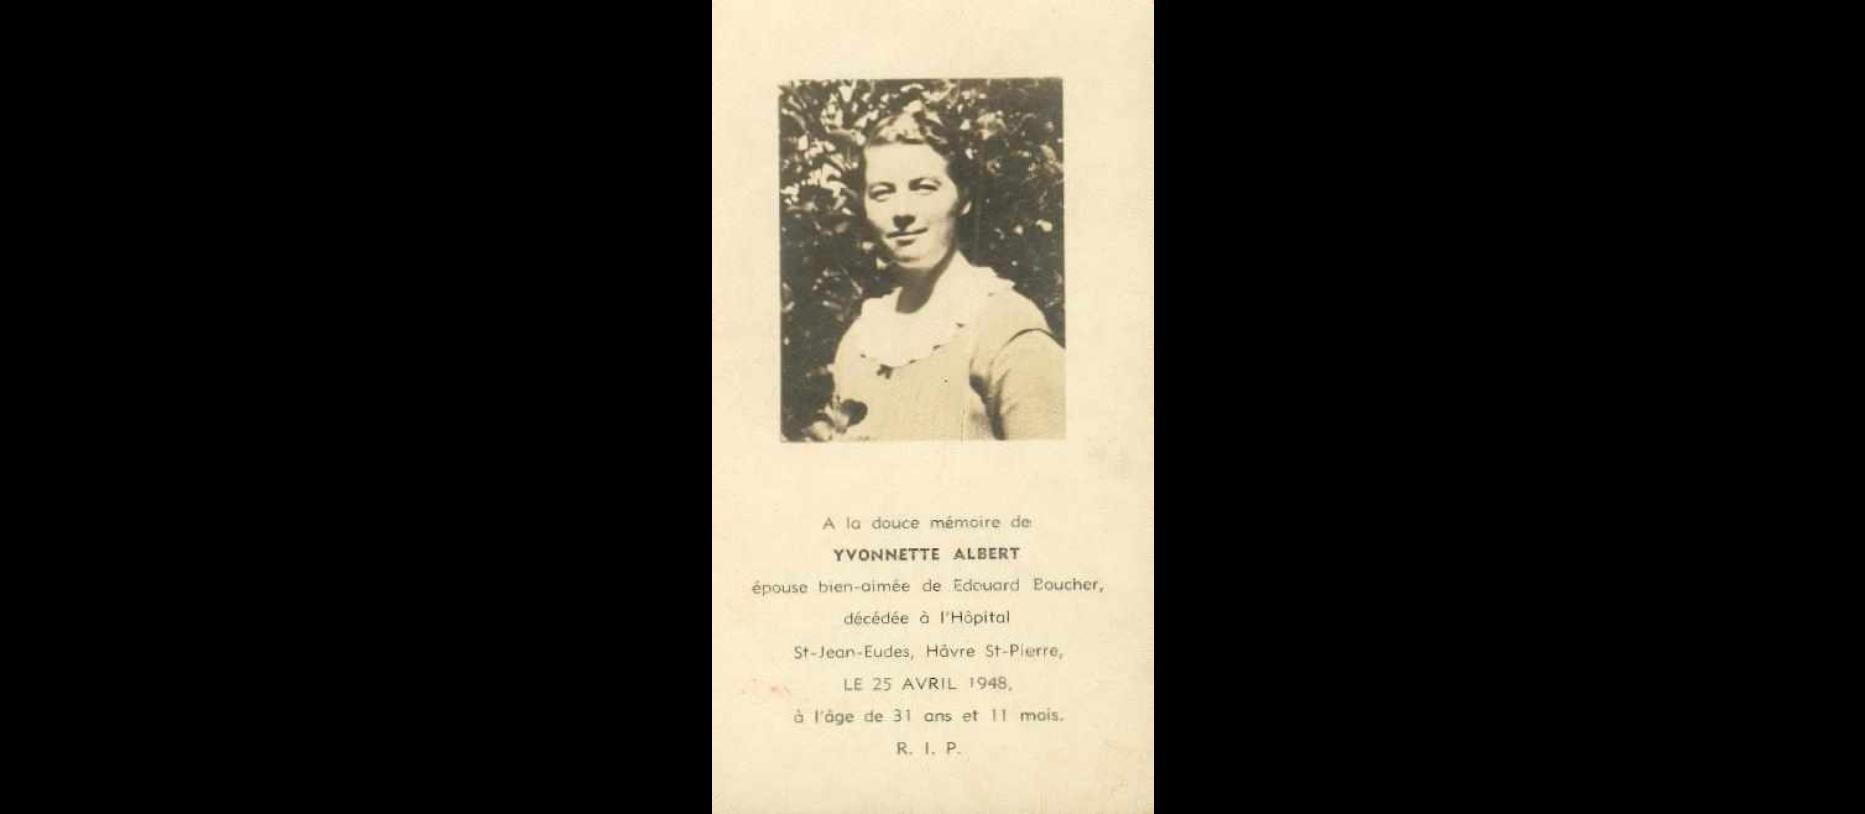 Yvonnette Albert 1917-1948